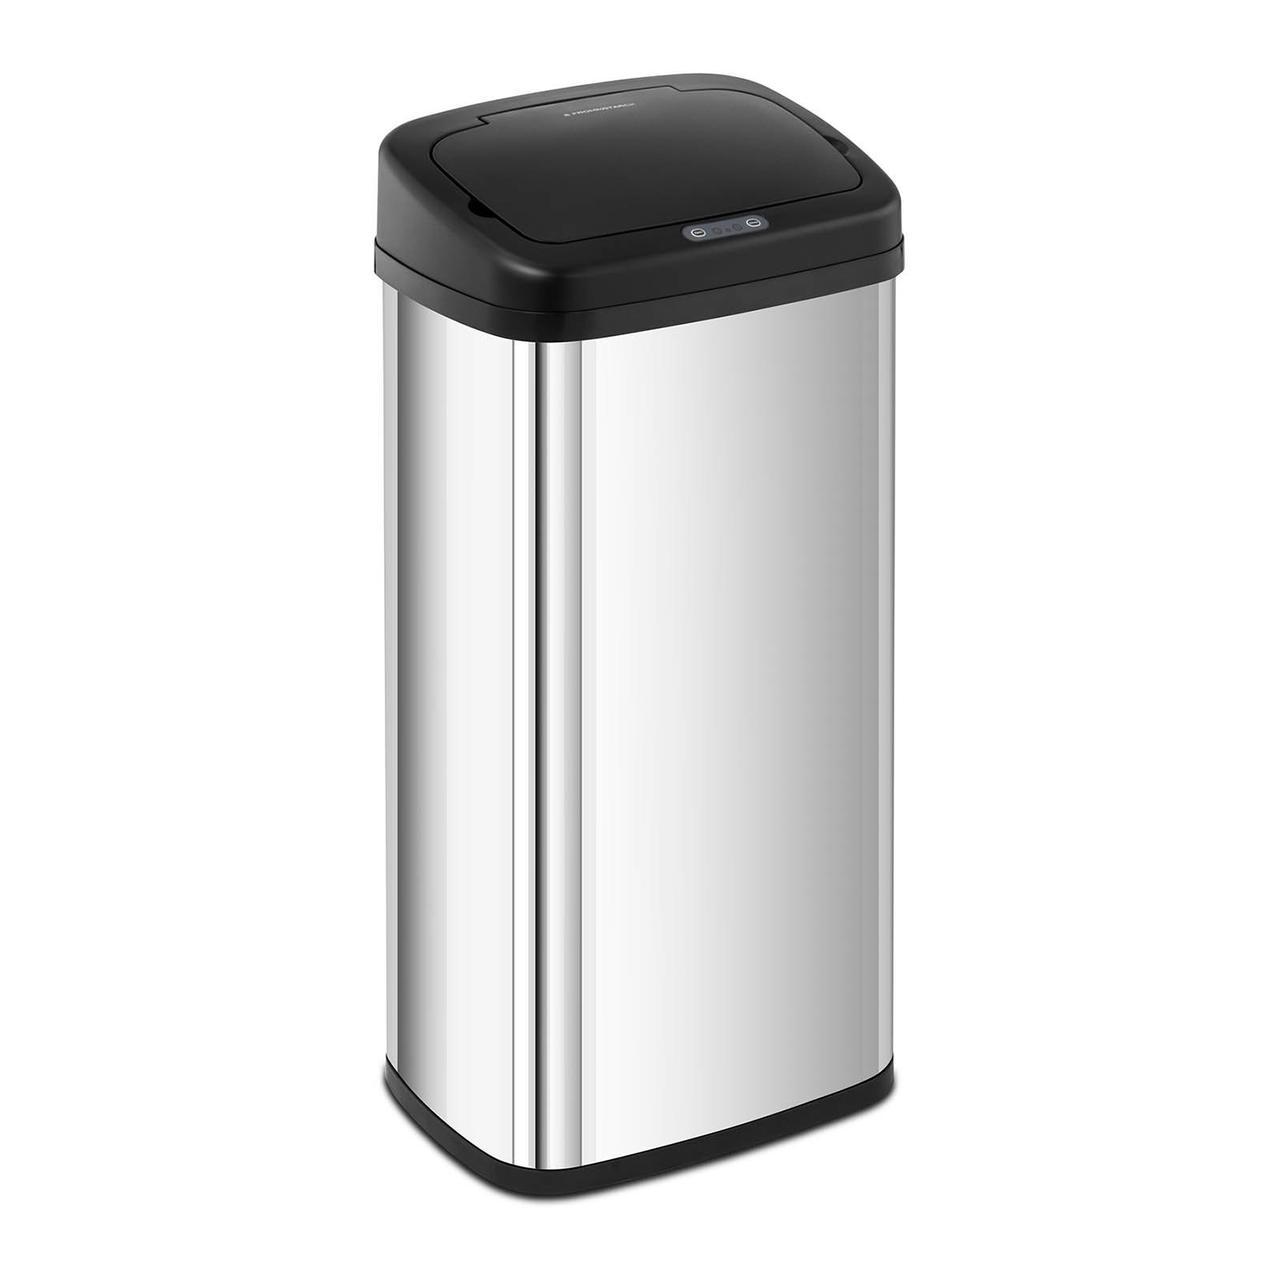 Автоматичний сміттєвий бак 40 л - прямокутний Fromm & Starck